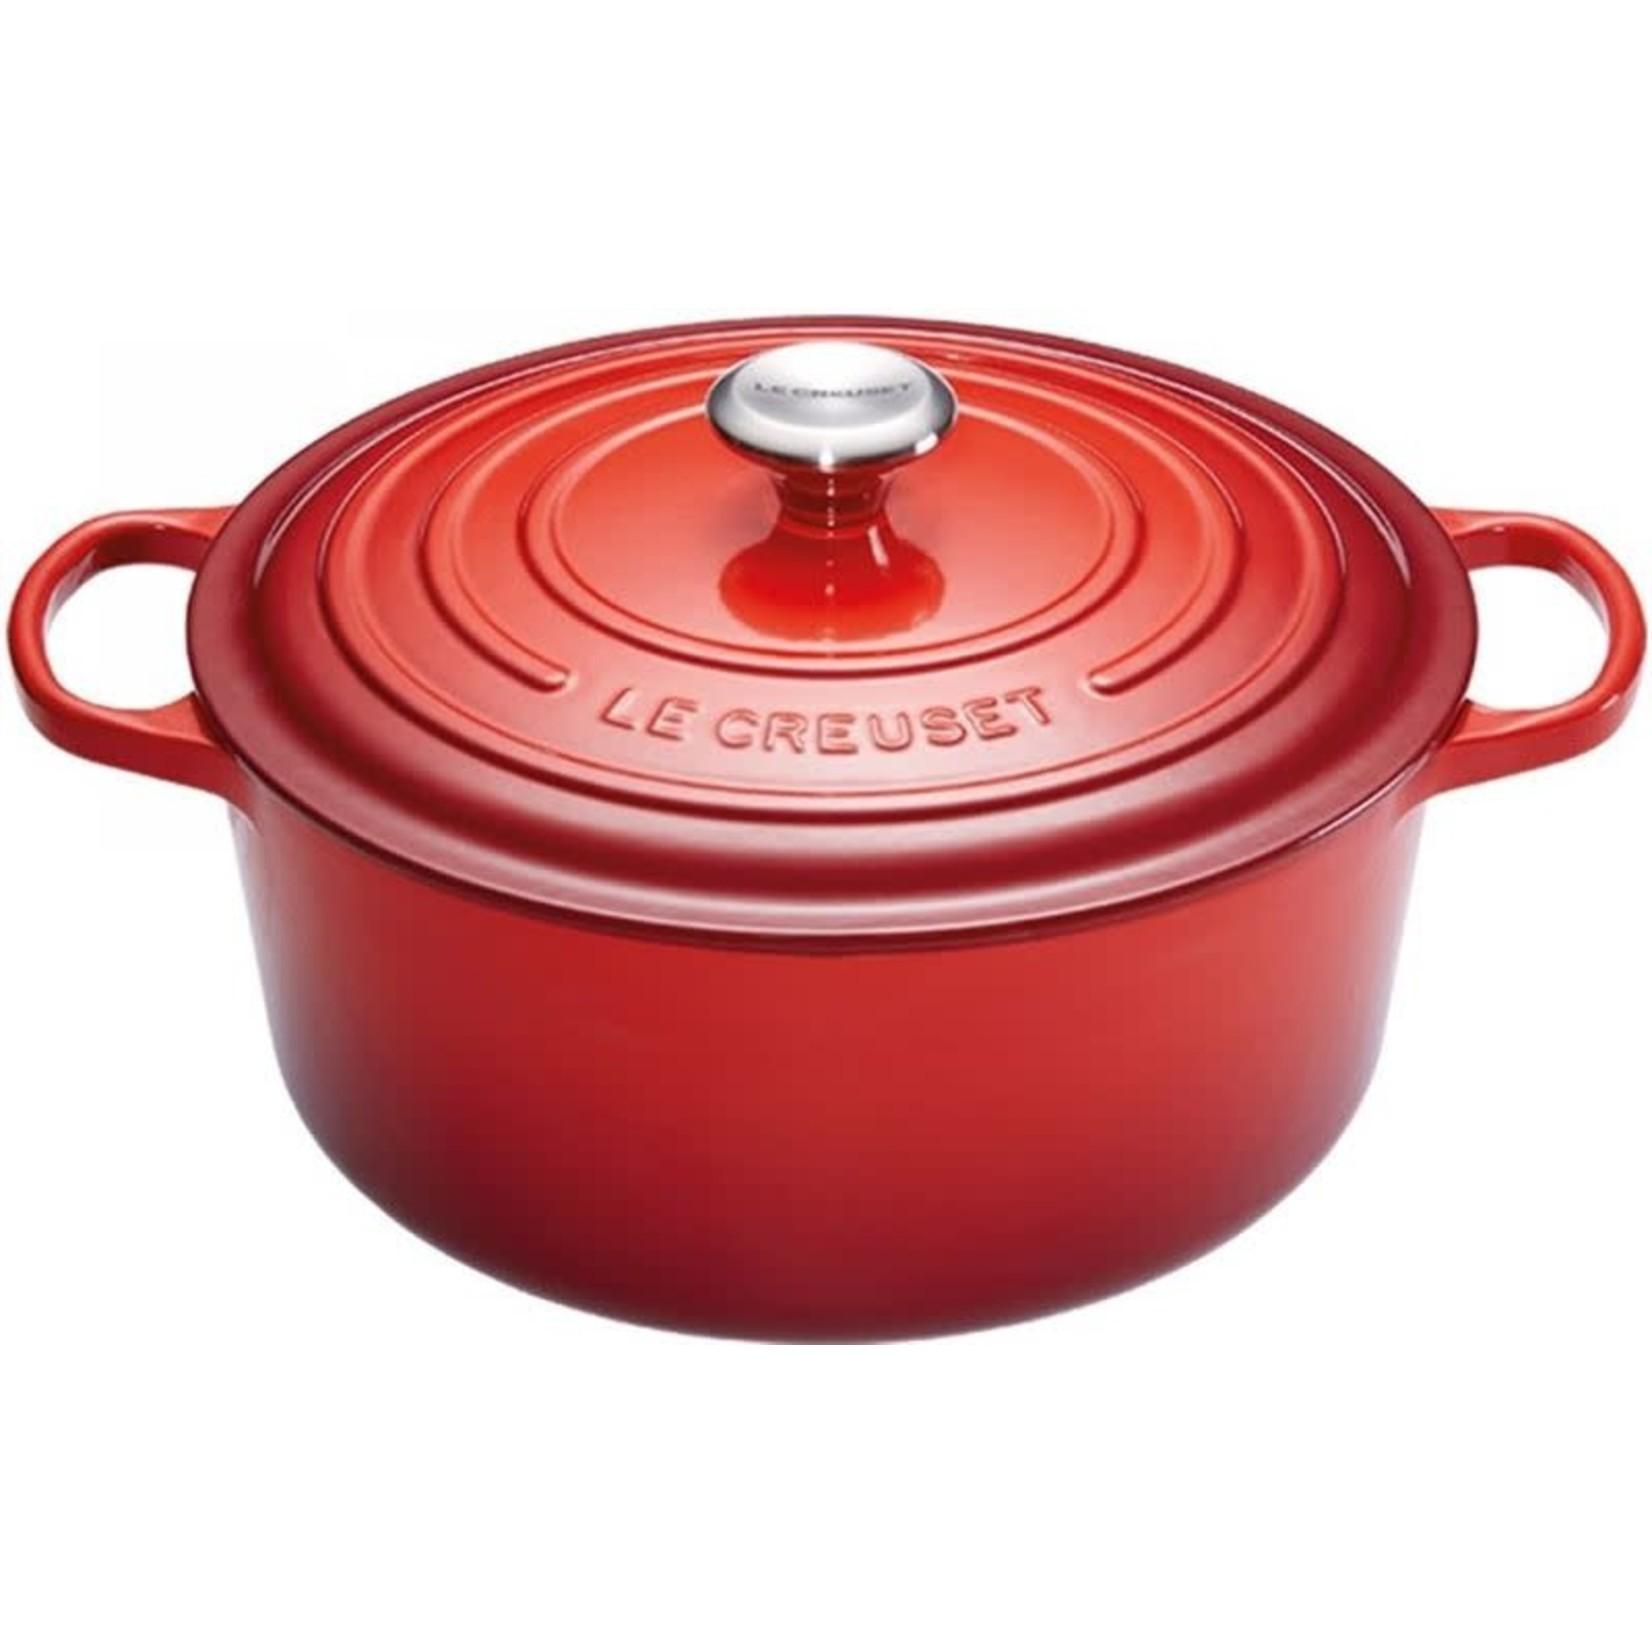 Le Creuset Cocotte rood 30cm